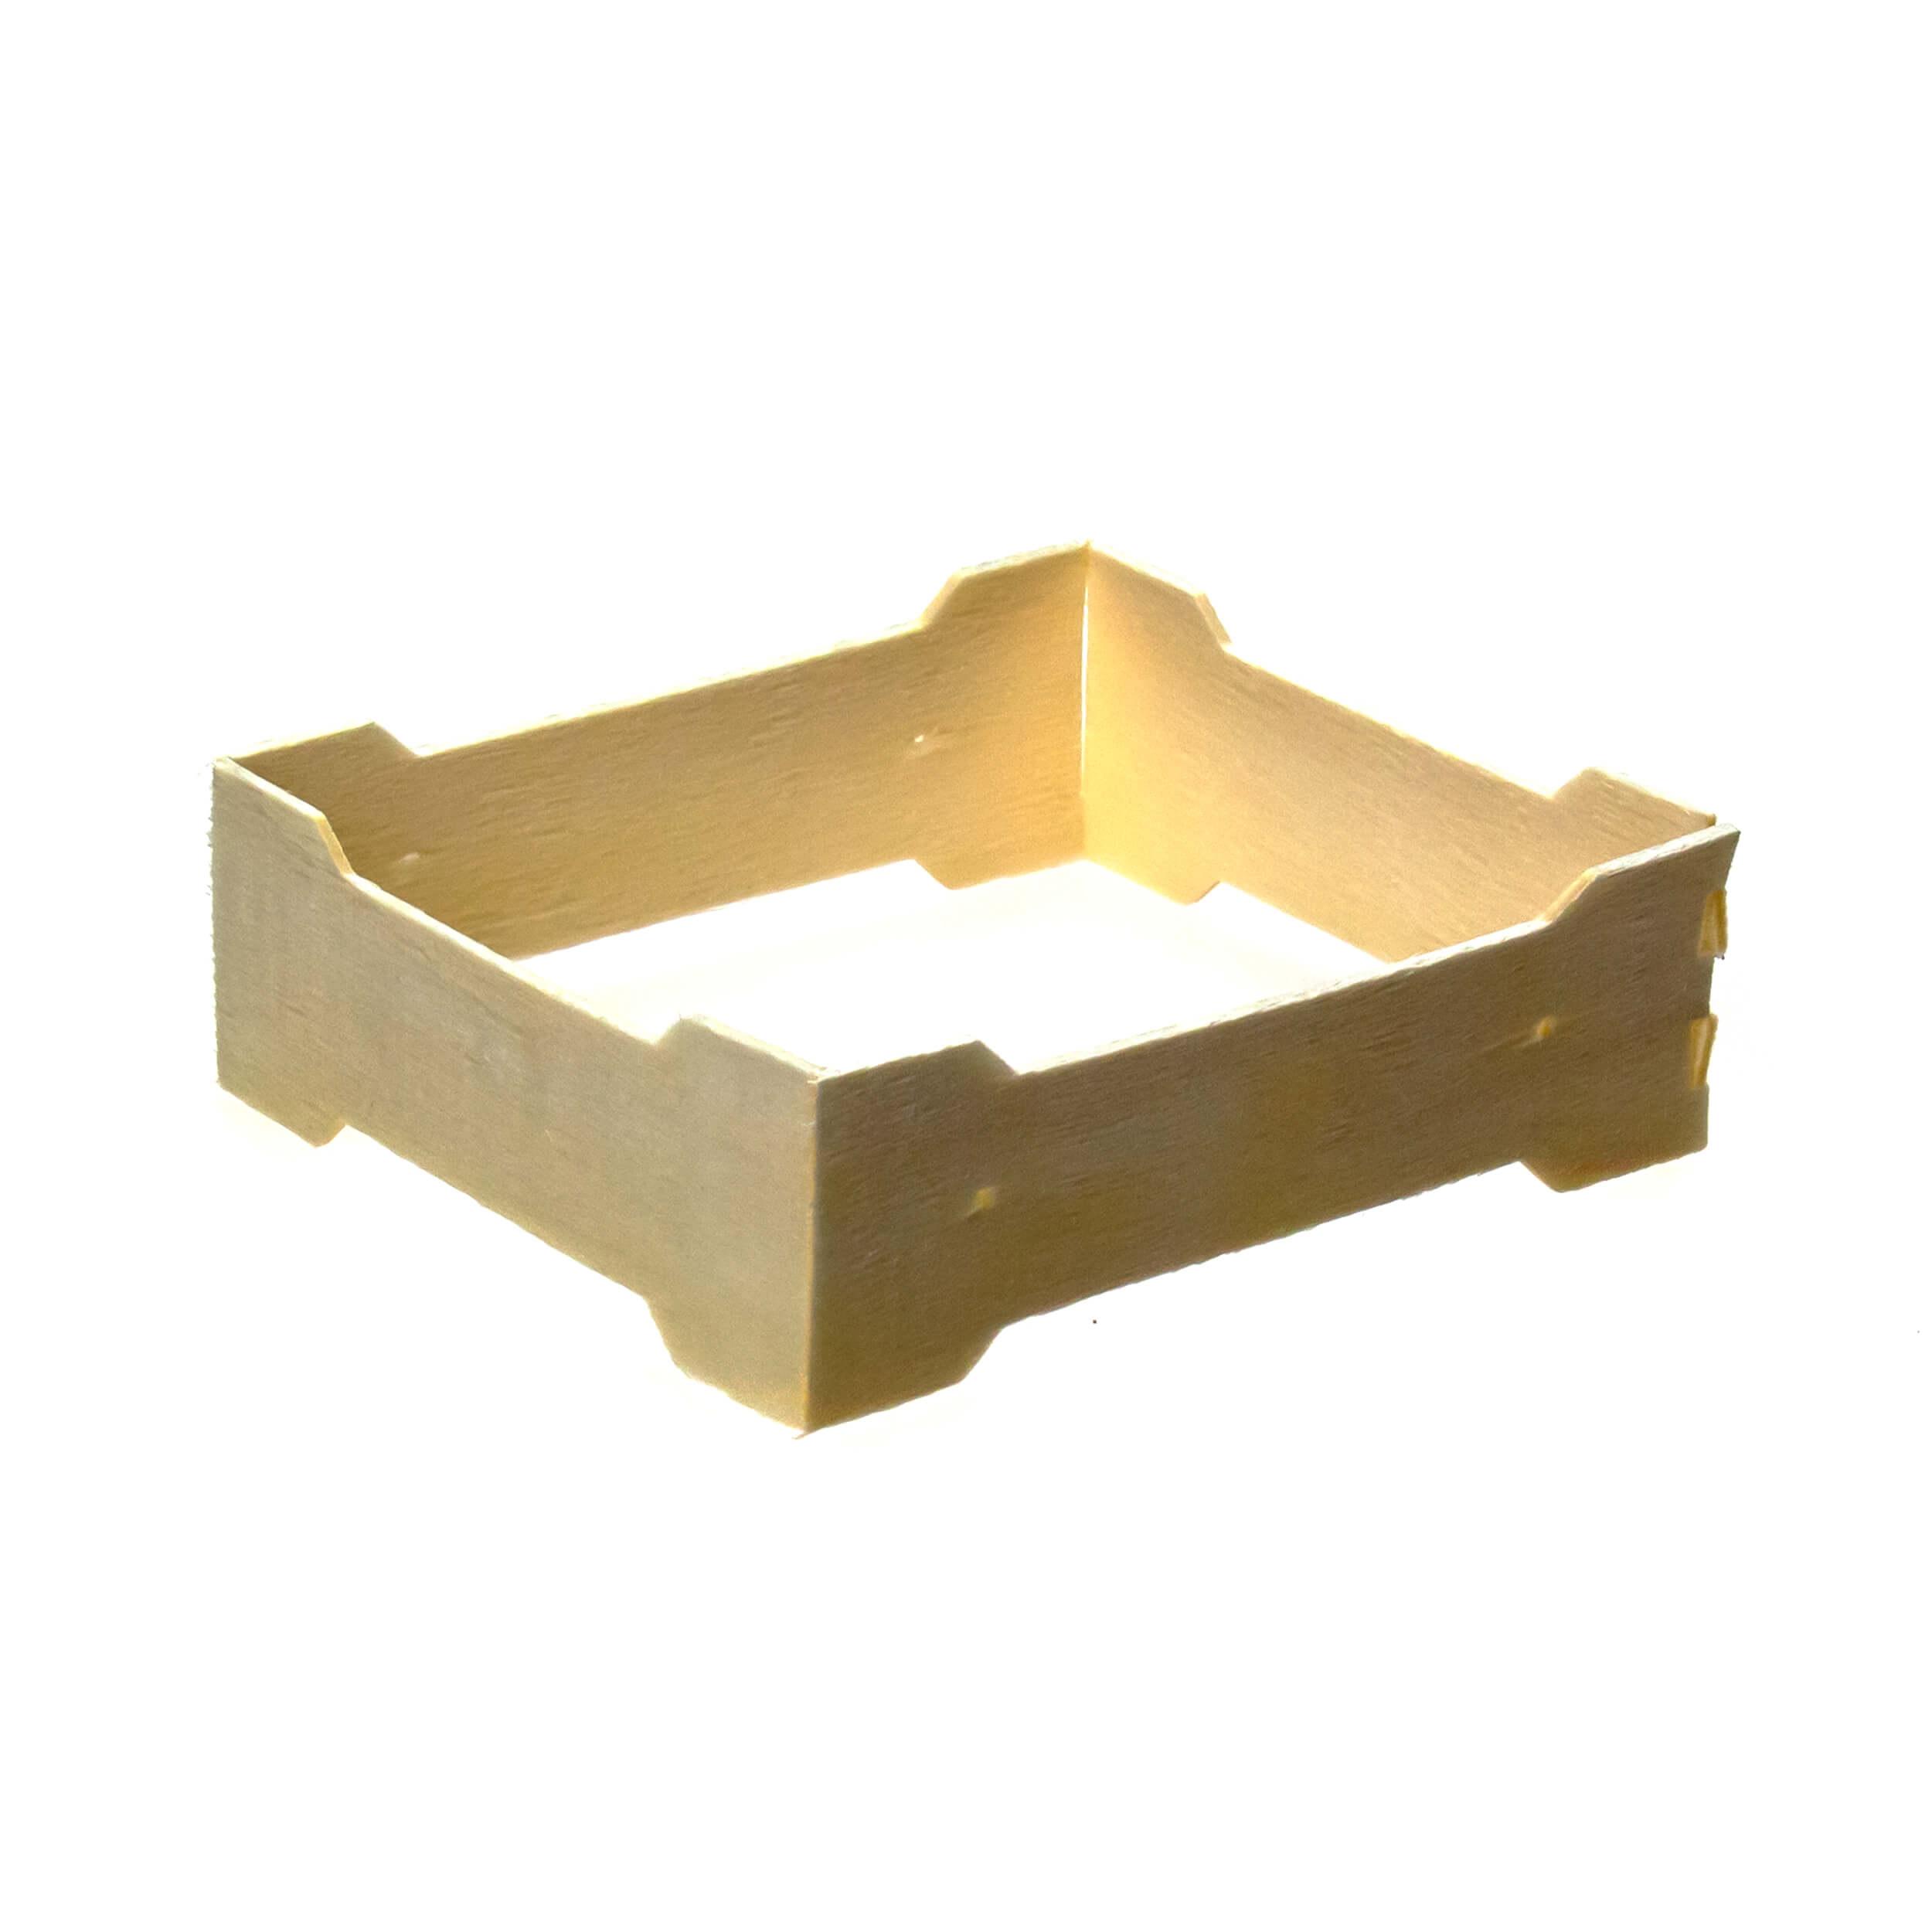 Мини рамка секционная для сотового меда (100х115х37 с отверстиями, дерево, упаковка 50 штук) фото